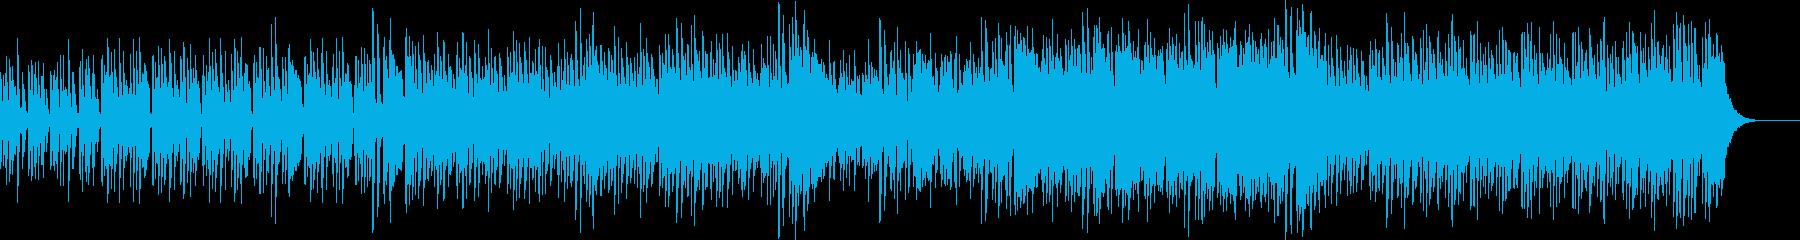 ピアノテクノミュージックの再生済みの波形